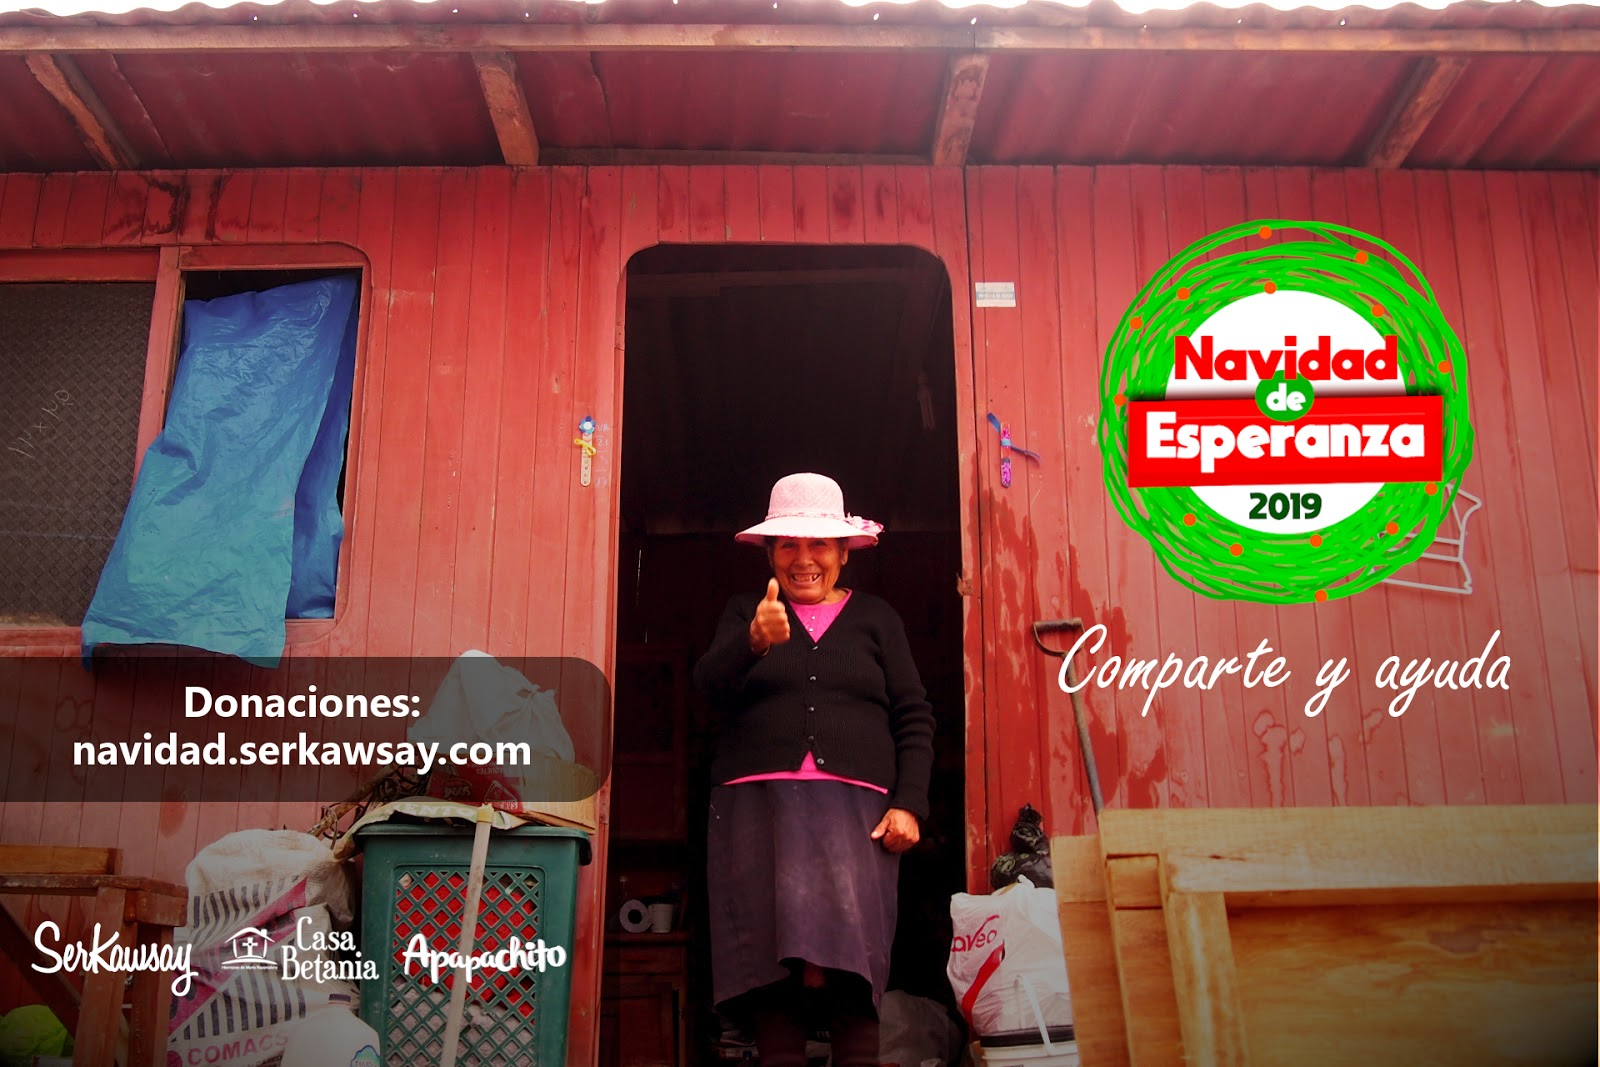 Navidad de Esperanza 2019